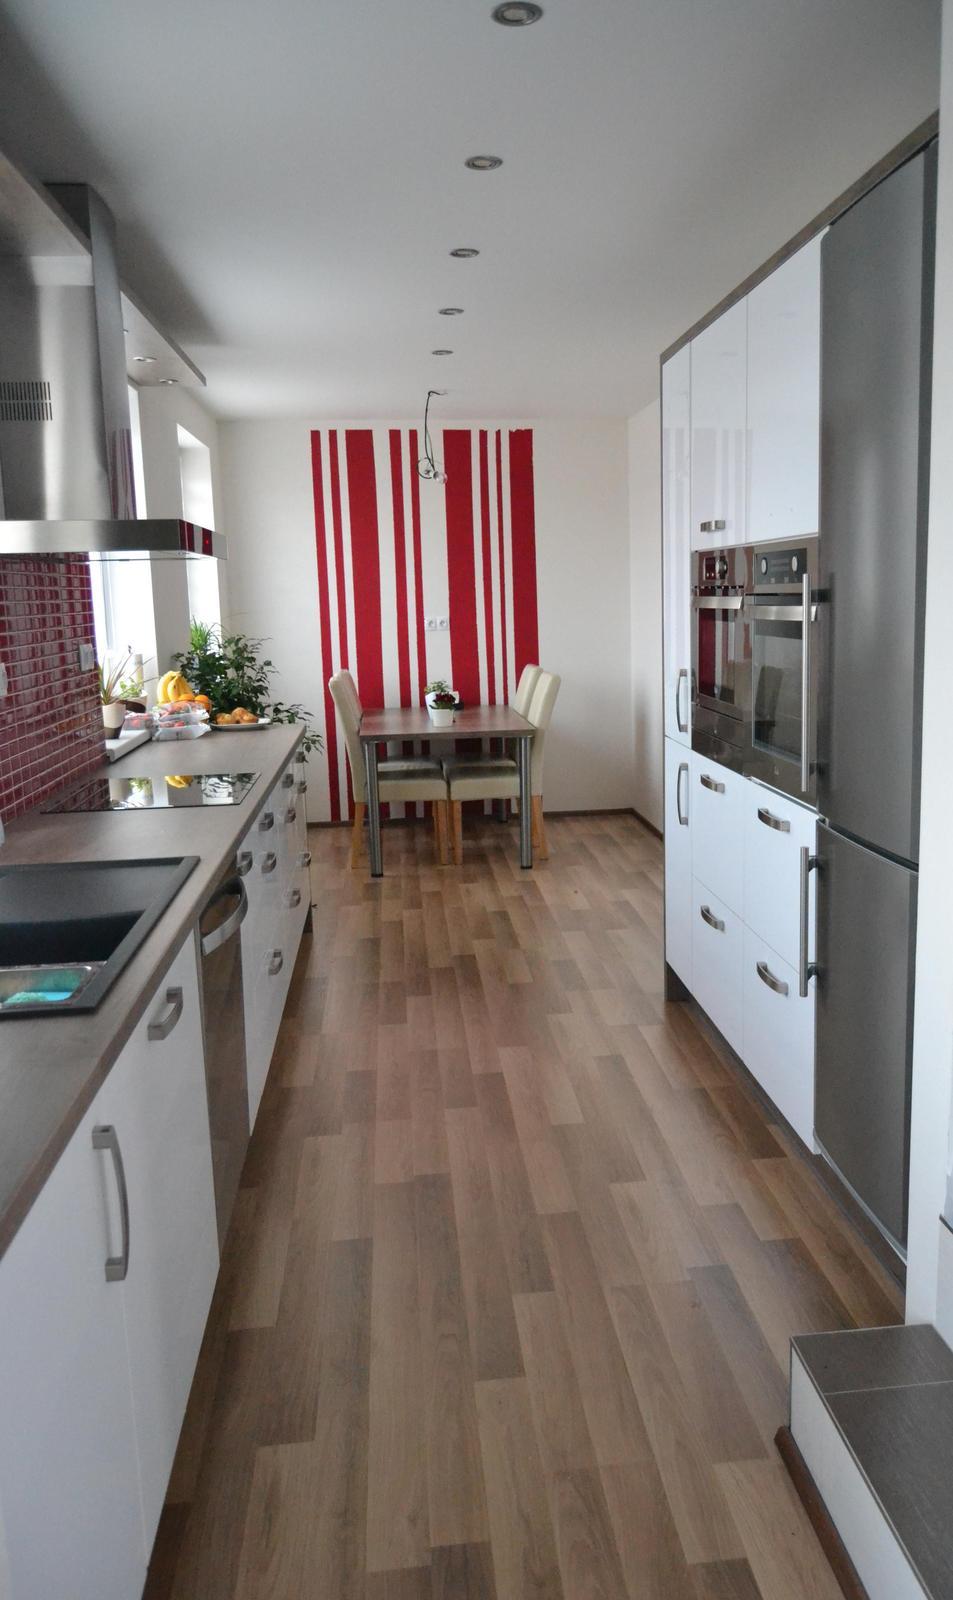 Dokončená a doleděná kuchyňka :-) - Obrázek č. 1